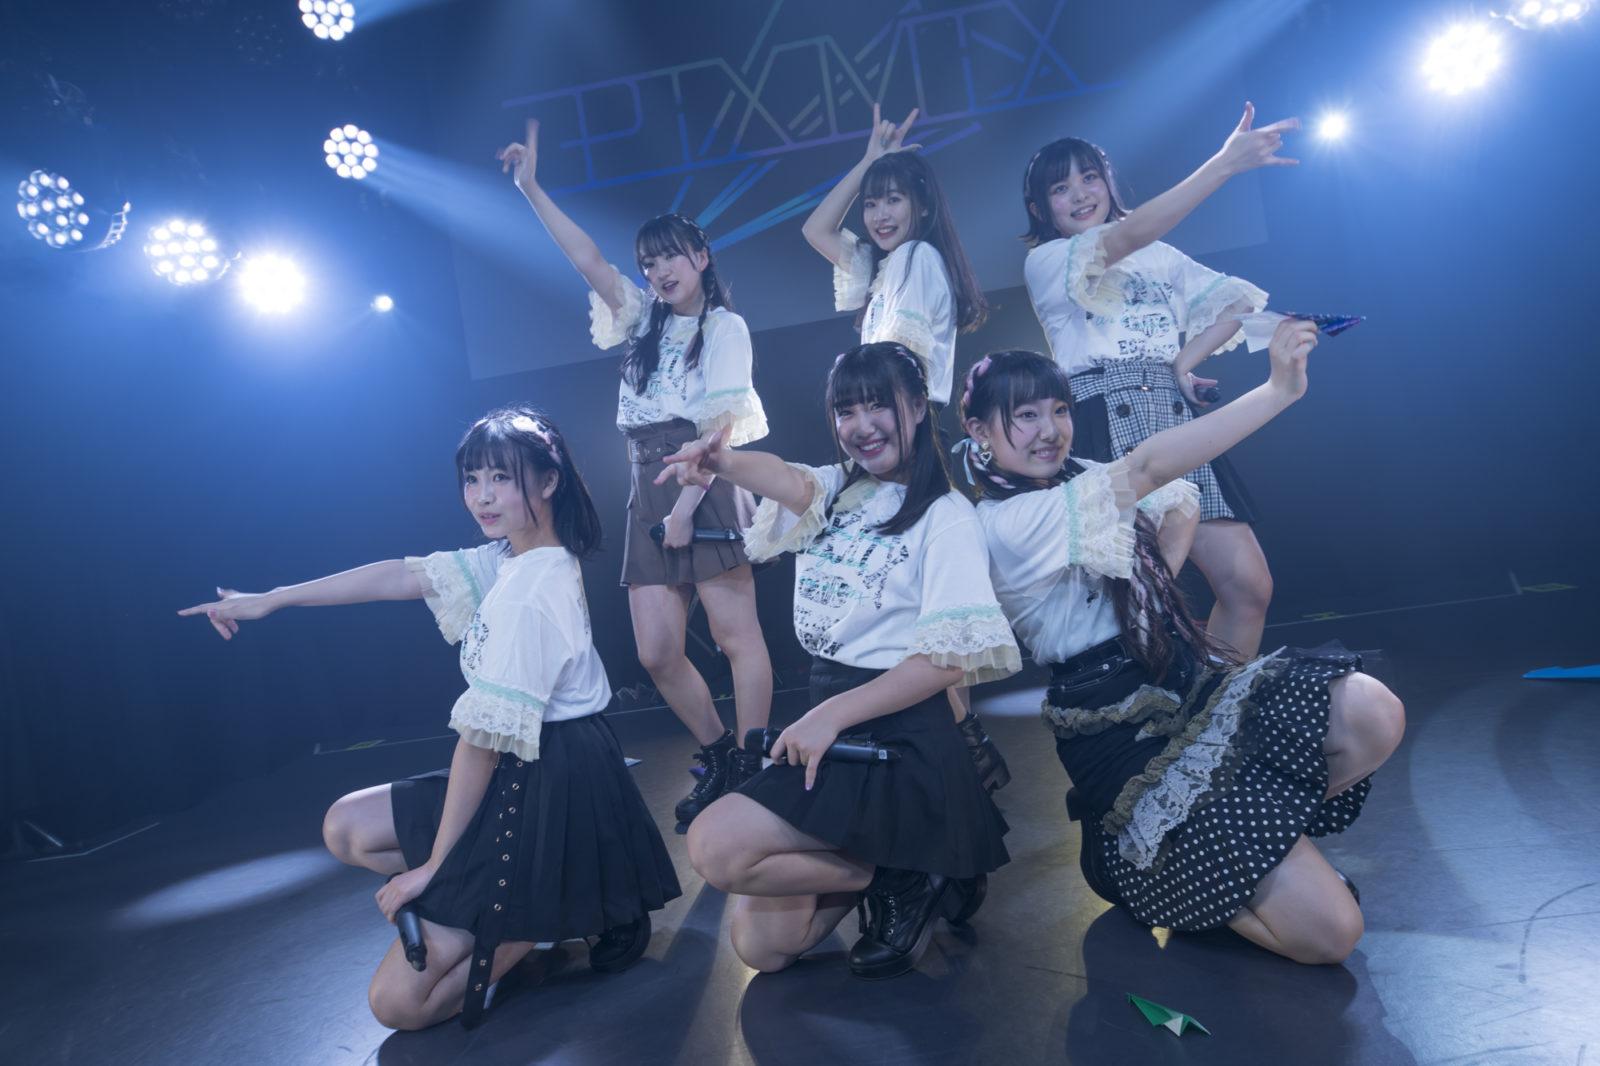 アイドルグループPiXMiX ニューイヤーワンマンライブを開催サムネイル画像!